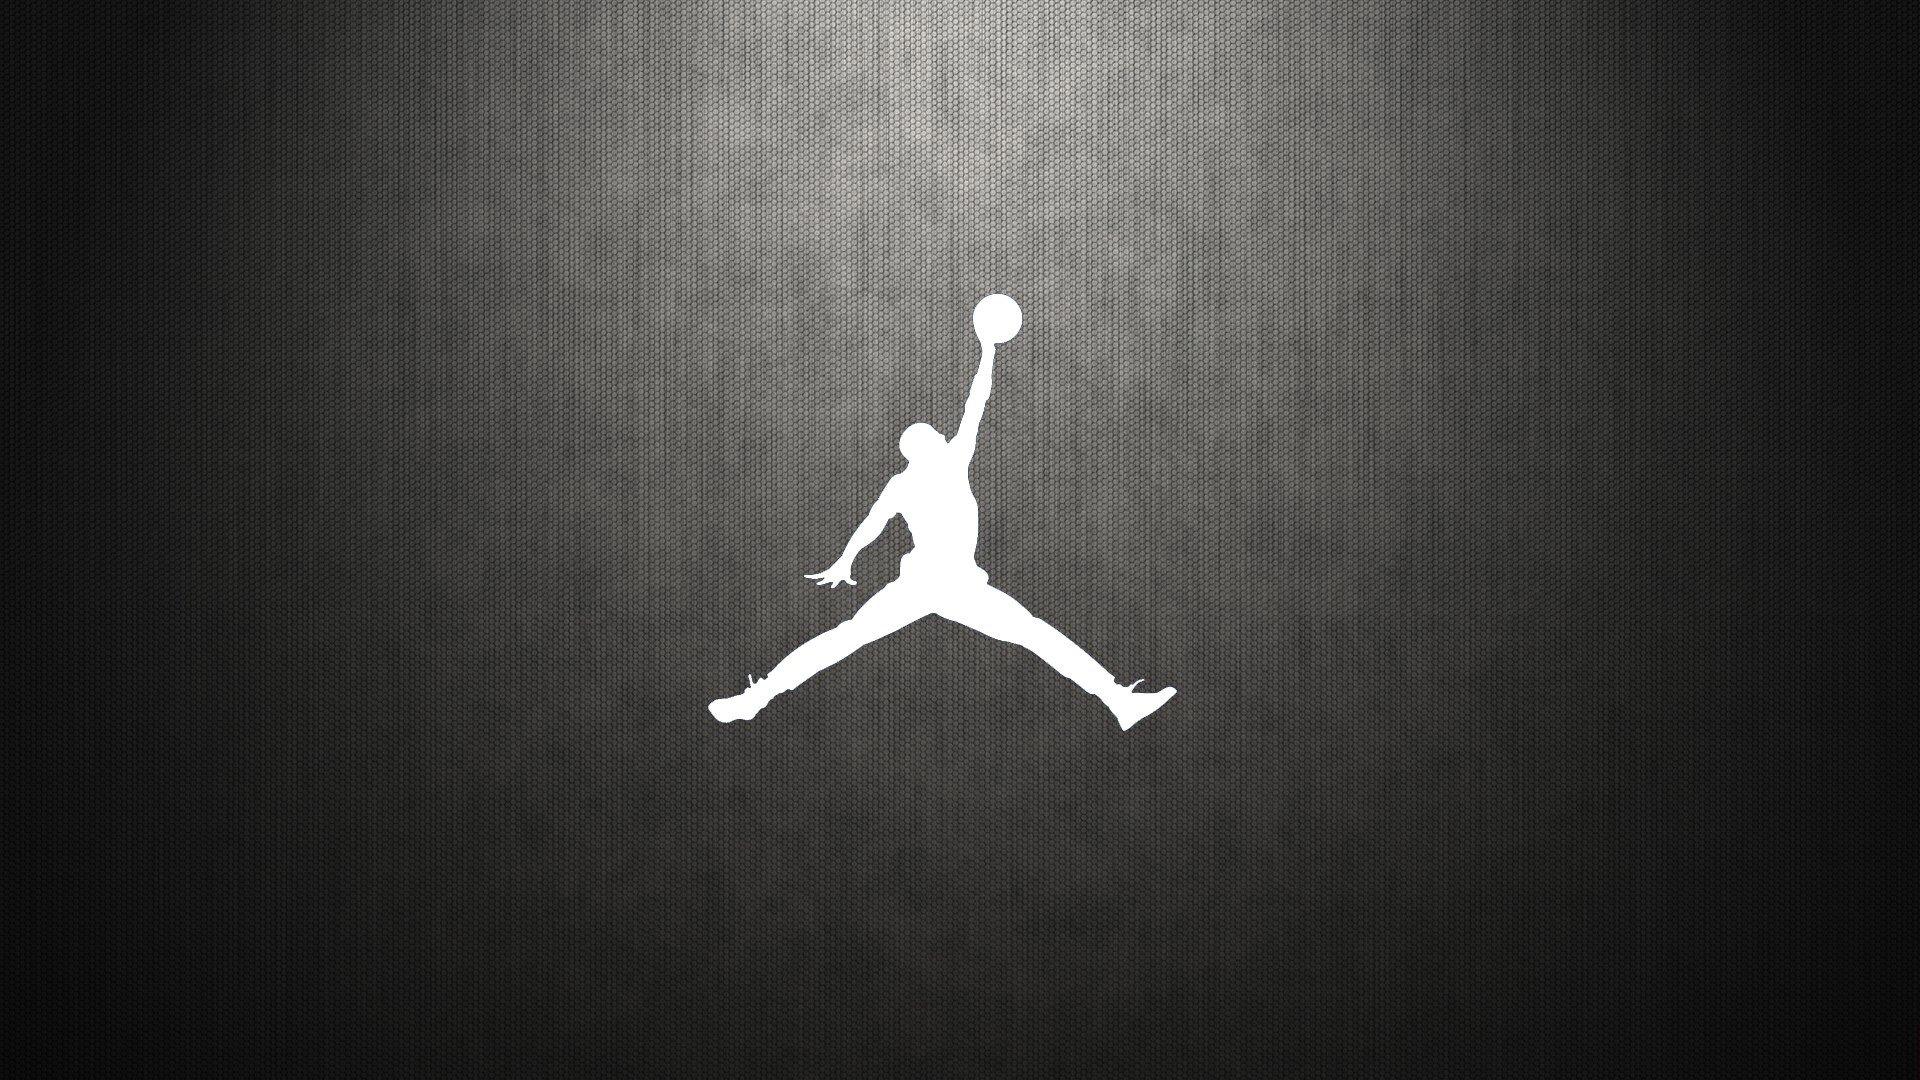 Jordan Jumpman Wallpaper on WallpaperSafari